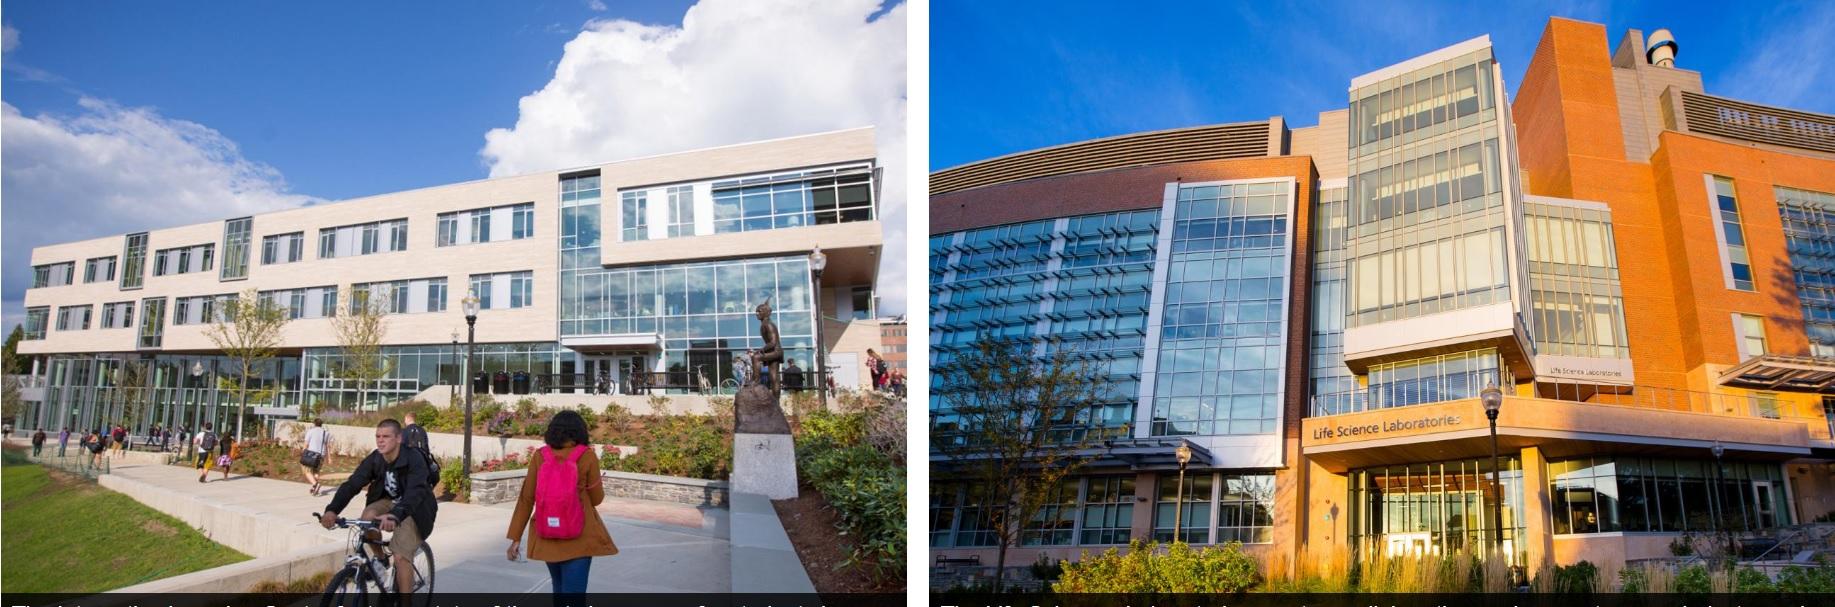 Ještě jeden pohled na UMass Amherst. Učebny jsou vlevo, laboratoře kde se pokusy s myšmi konaly, vpravo.